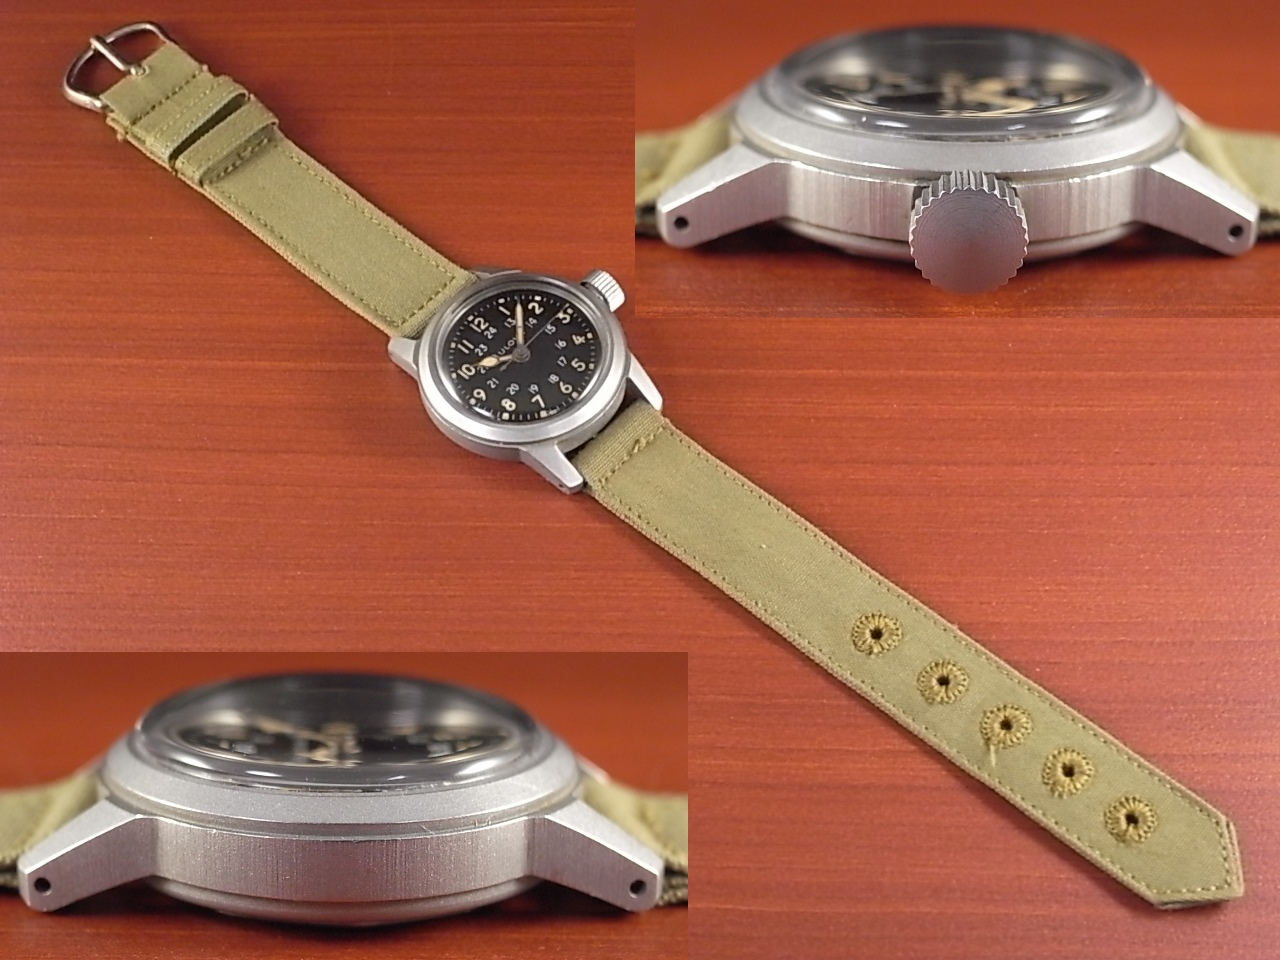 ブローバ 軍用時計 米軍 MIL-W-3818A ニアミント 1950年代の写真3枚目